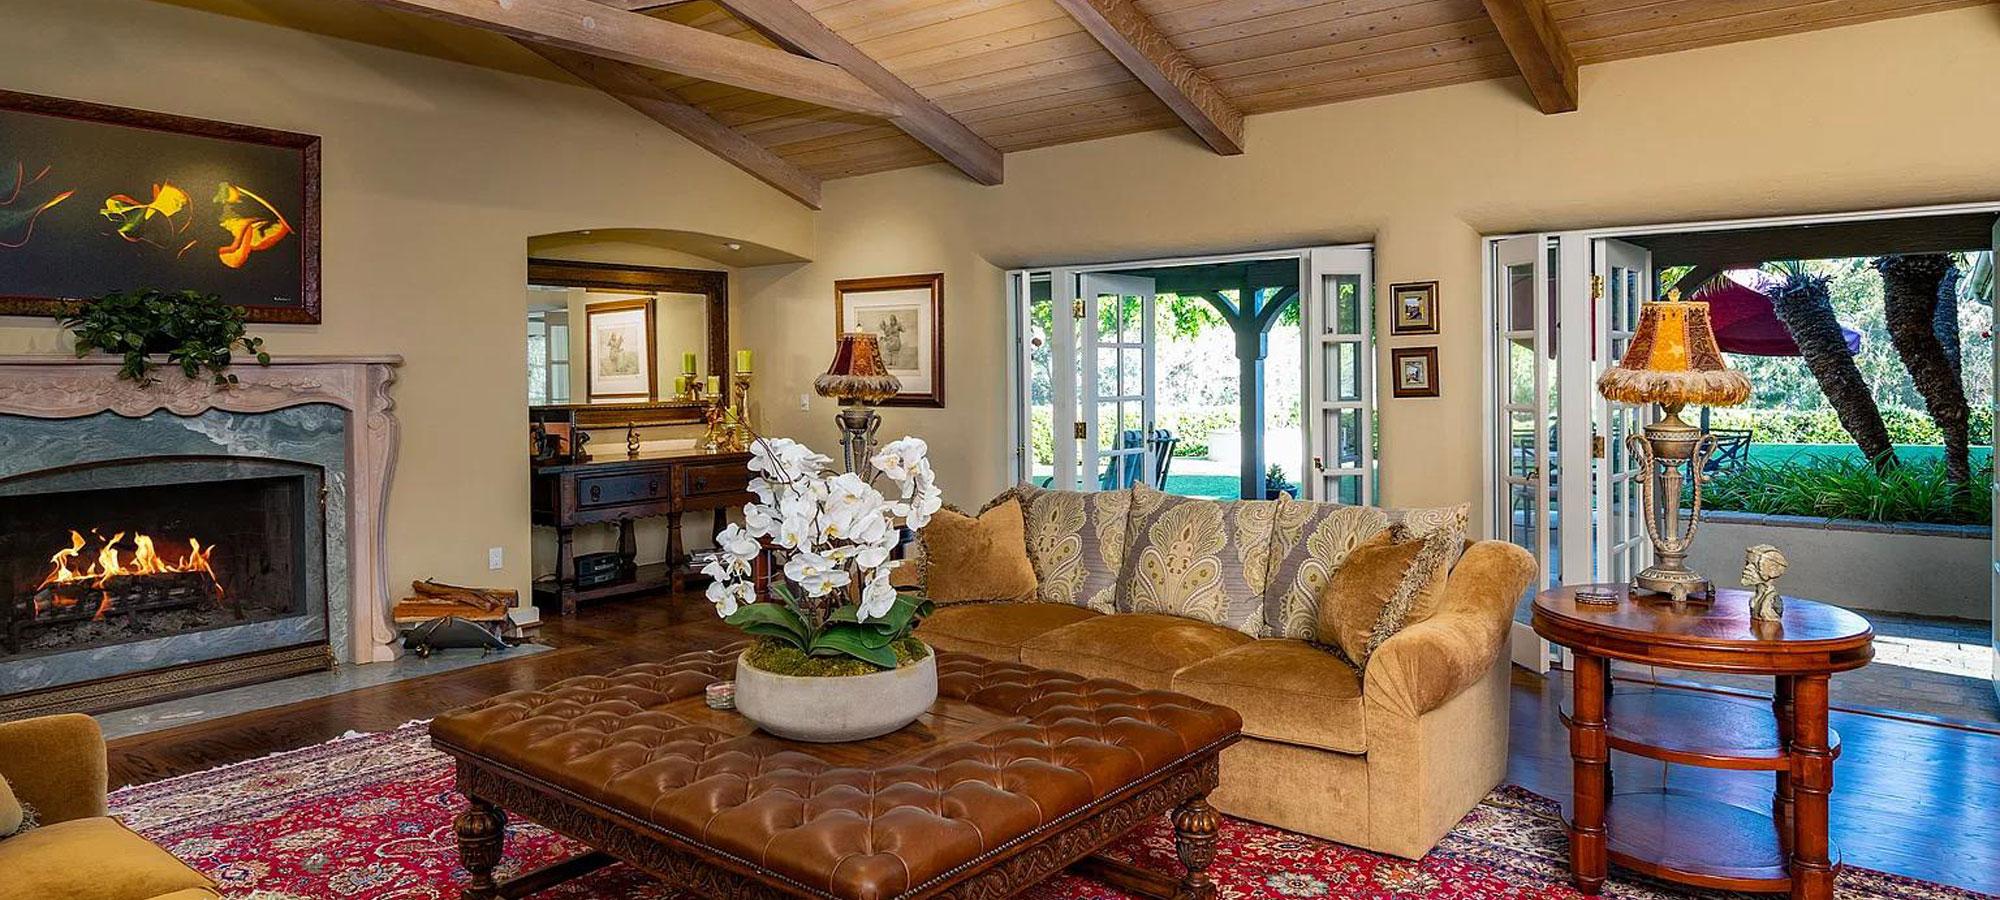 5000 El Acebo, Rancho Santa Fe, CA, 92067